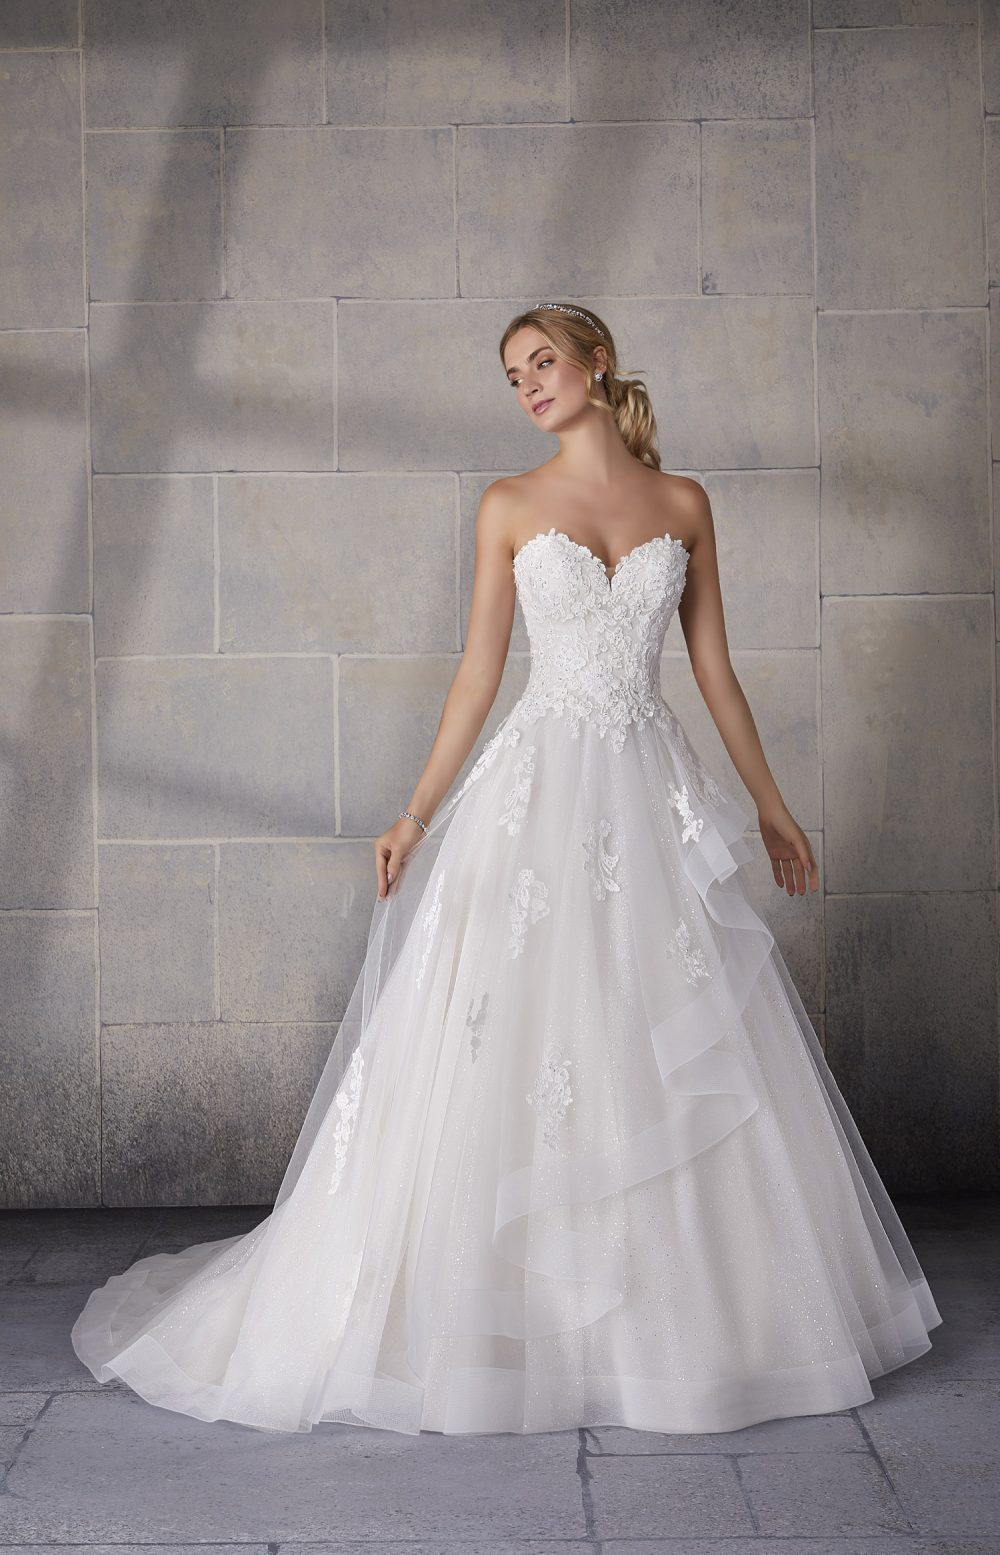 Mariages: abito da sposa Morilee 2021 a Vicenza, Verona, Padova, Veneto 2140